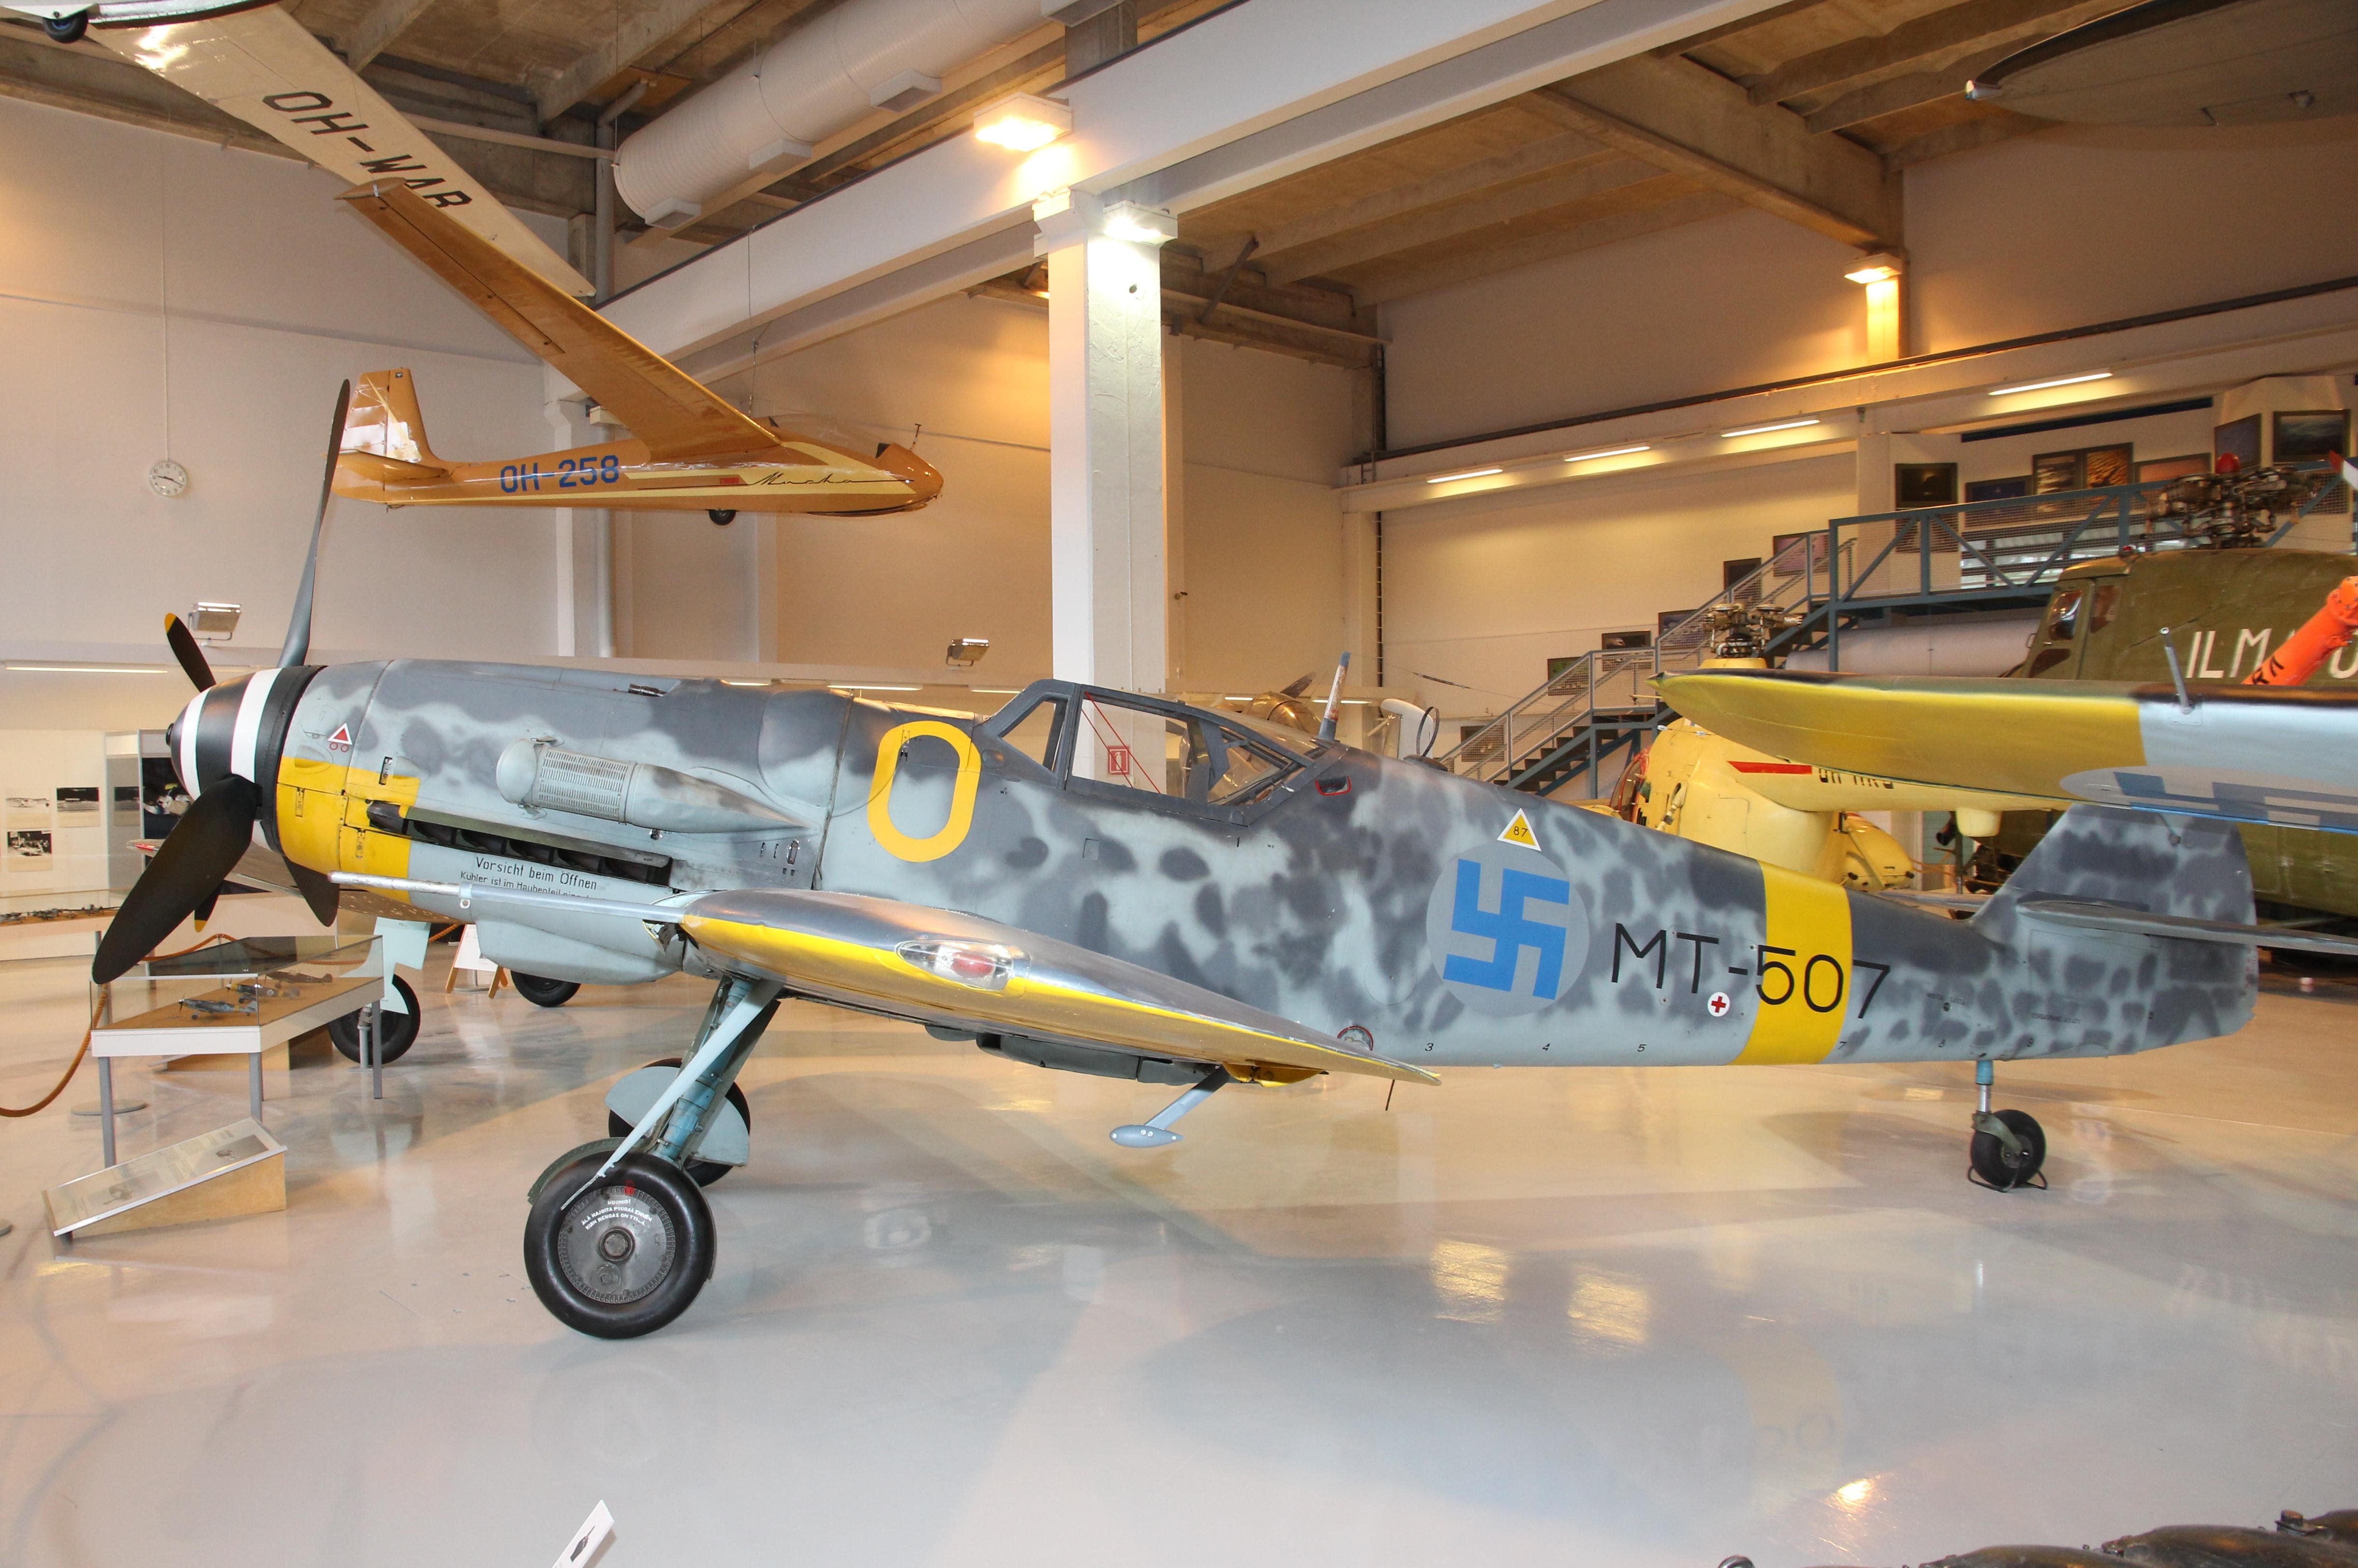 Messerschmitt_Bf_109_G-6_%28MT-507%29_Keski-Suomen_ilmailumuseo_2.JPG